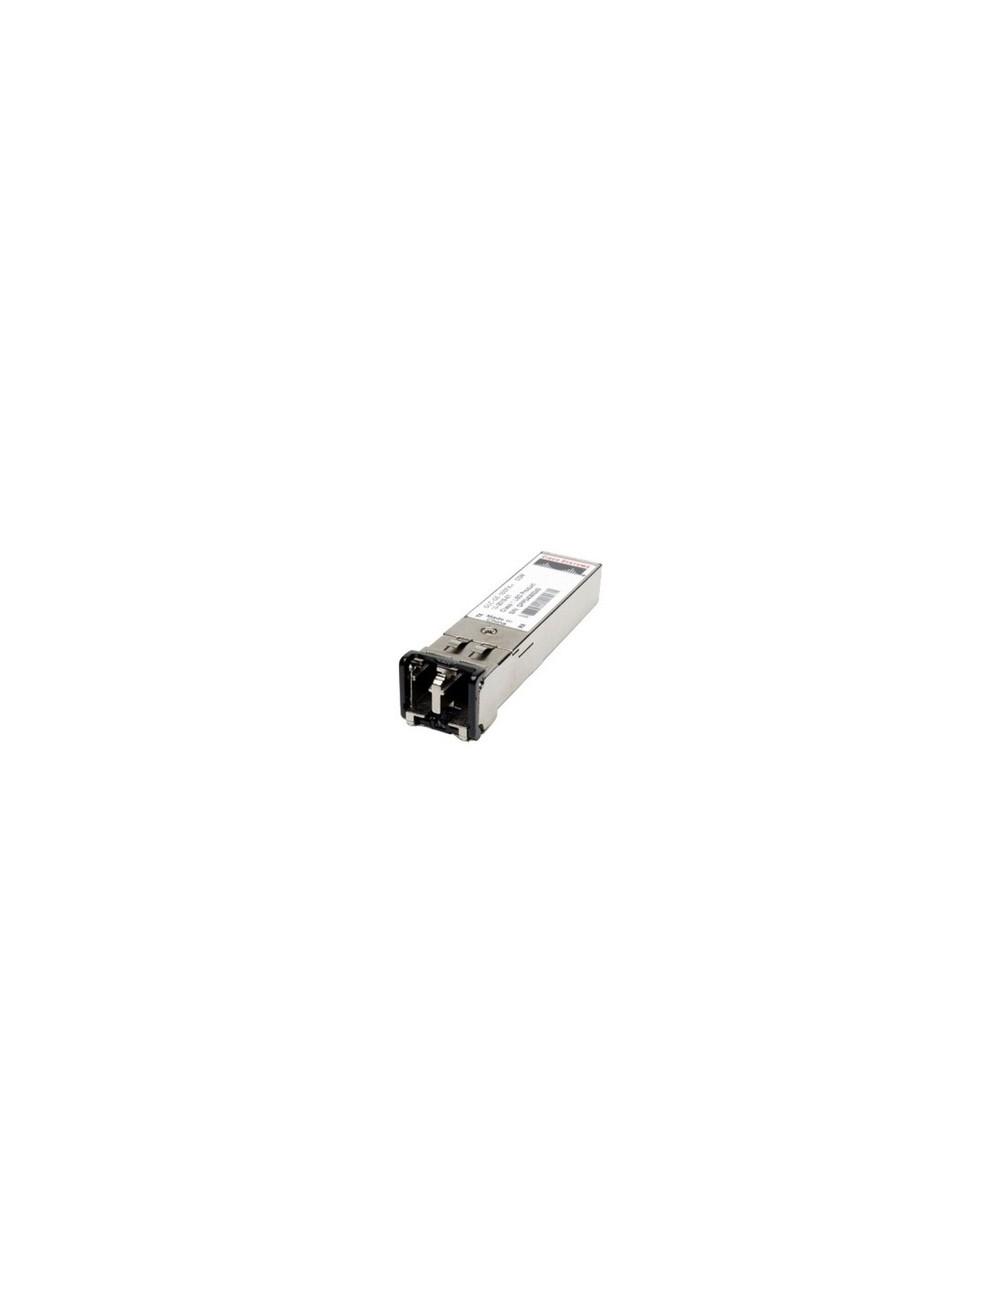 GLC-SX-MMD Cisco 1000Base-SX SFP Transceiver